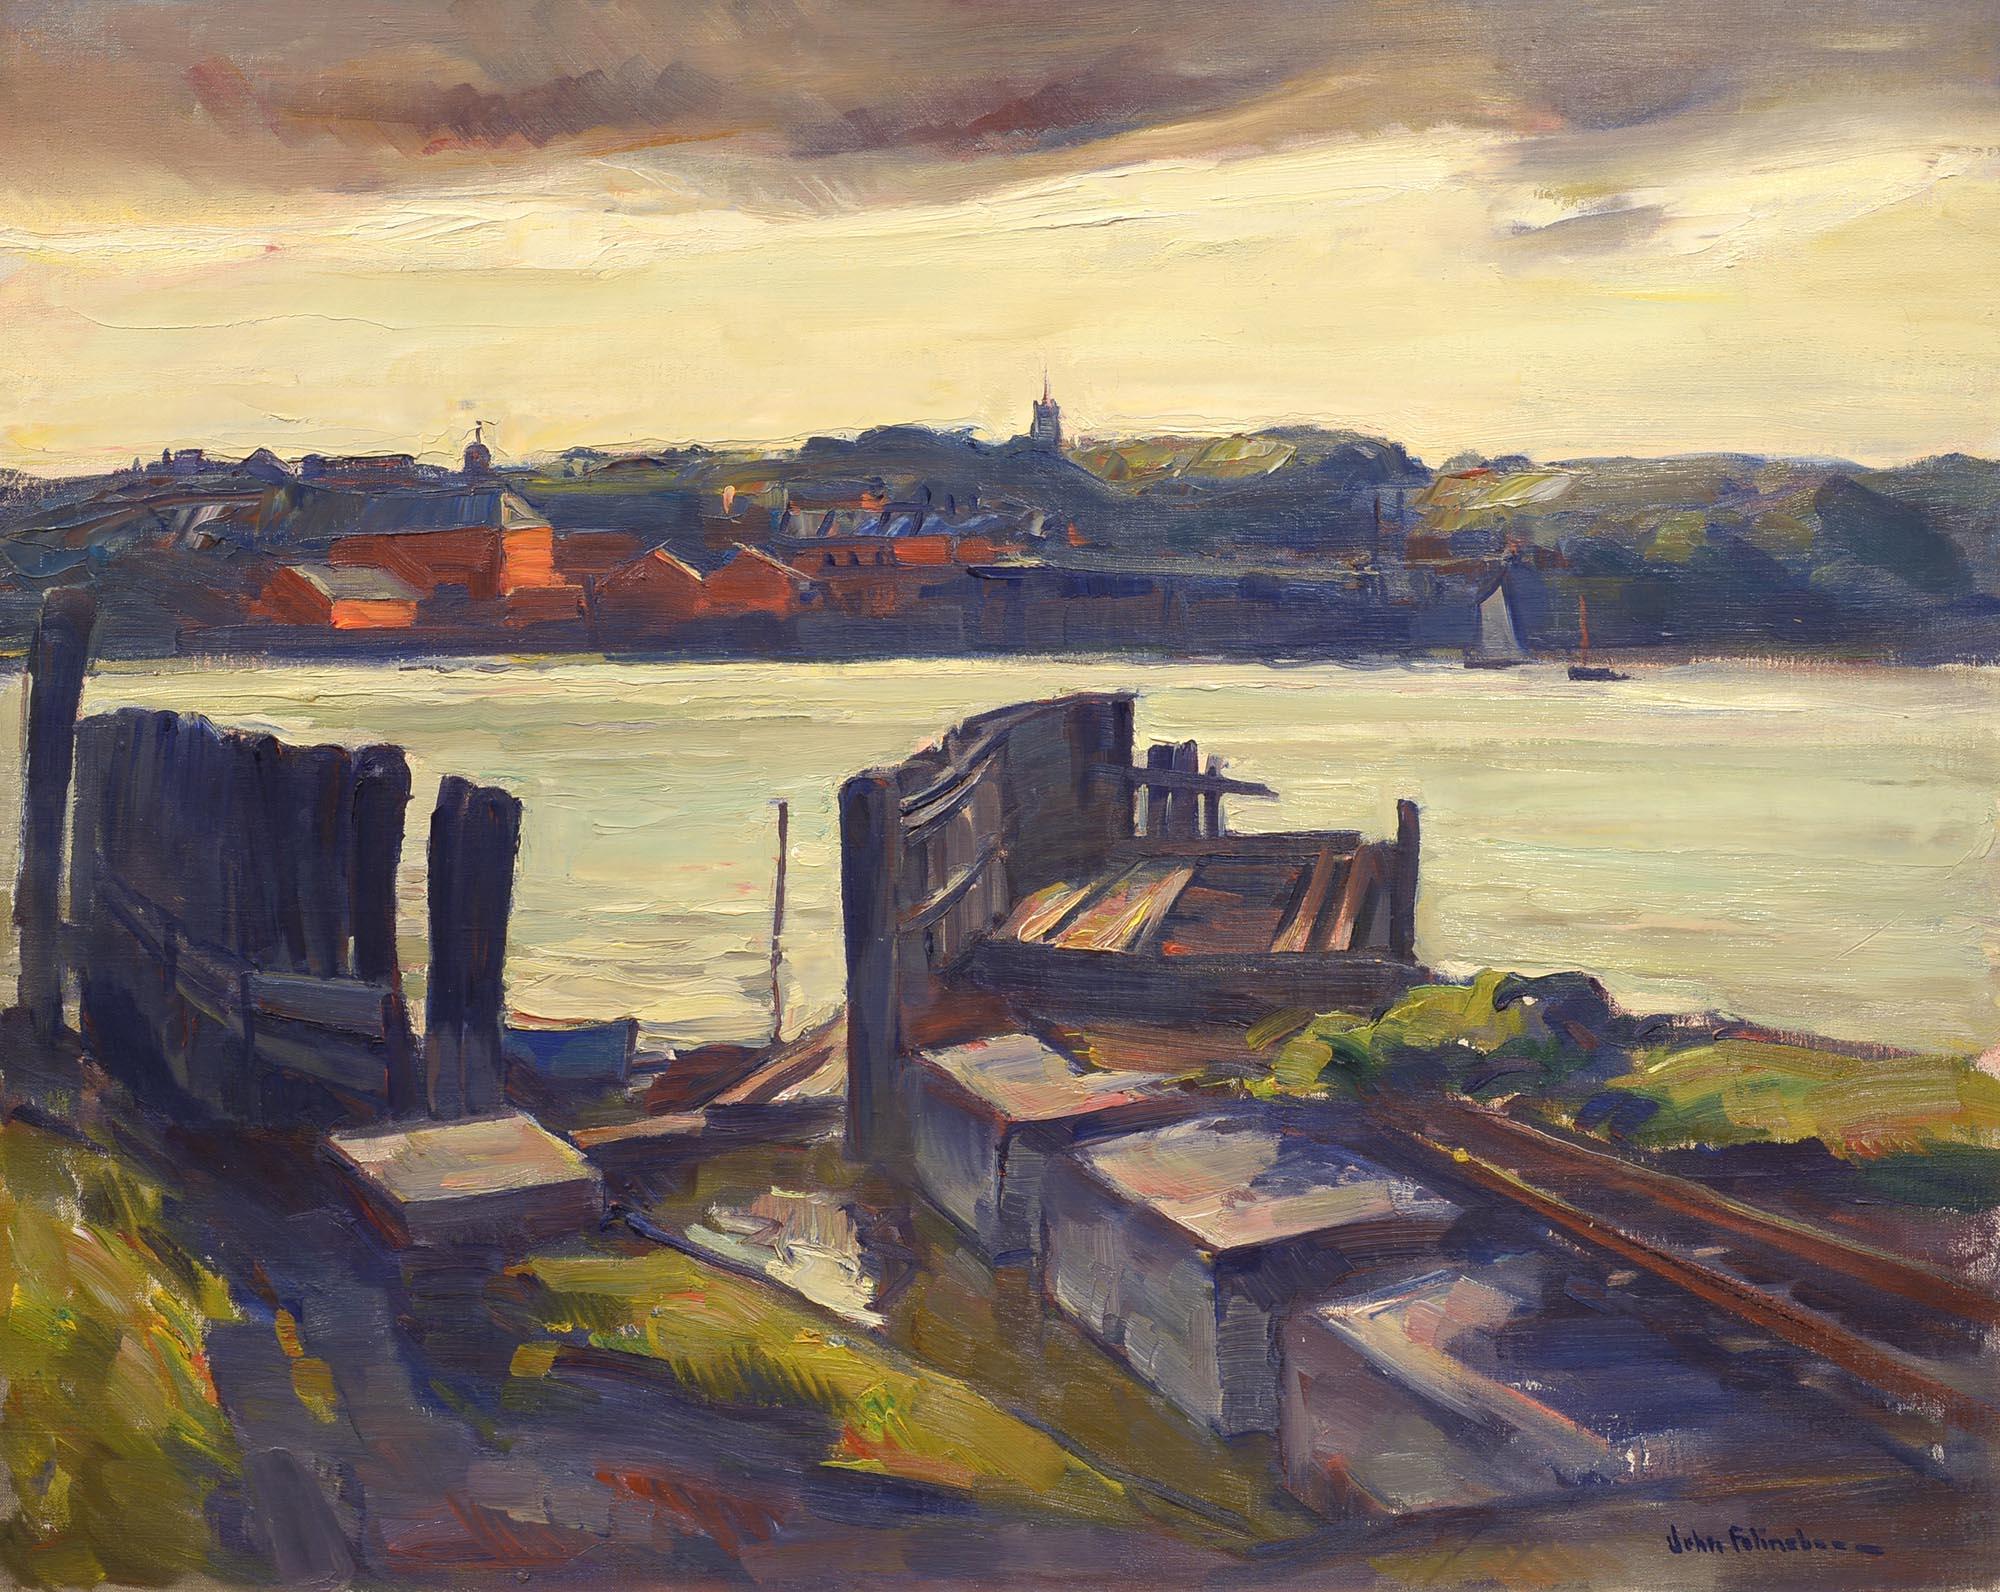 John Folinsbee Woolwich Ferry Slip